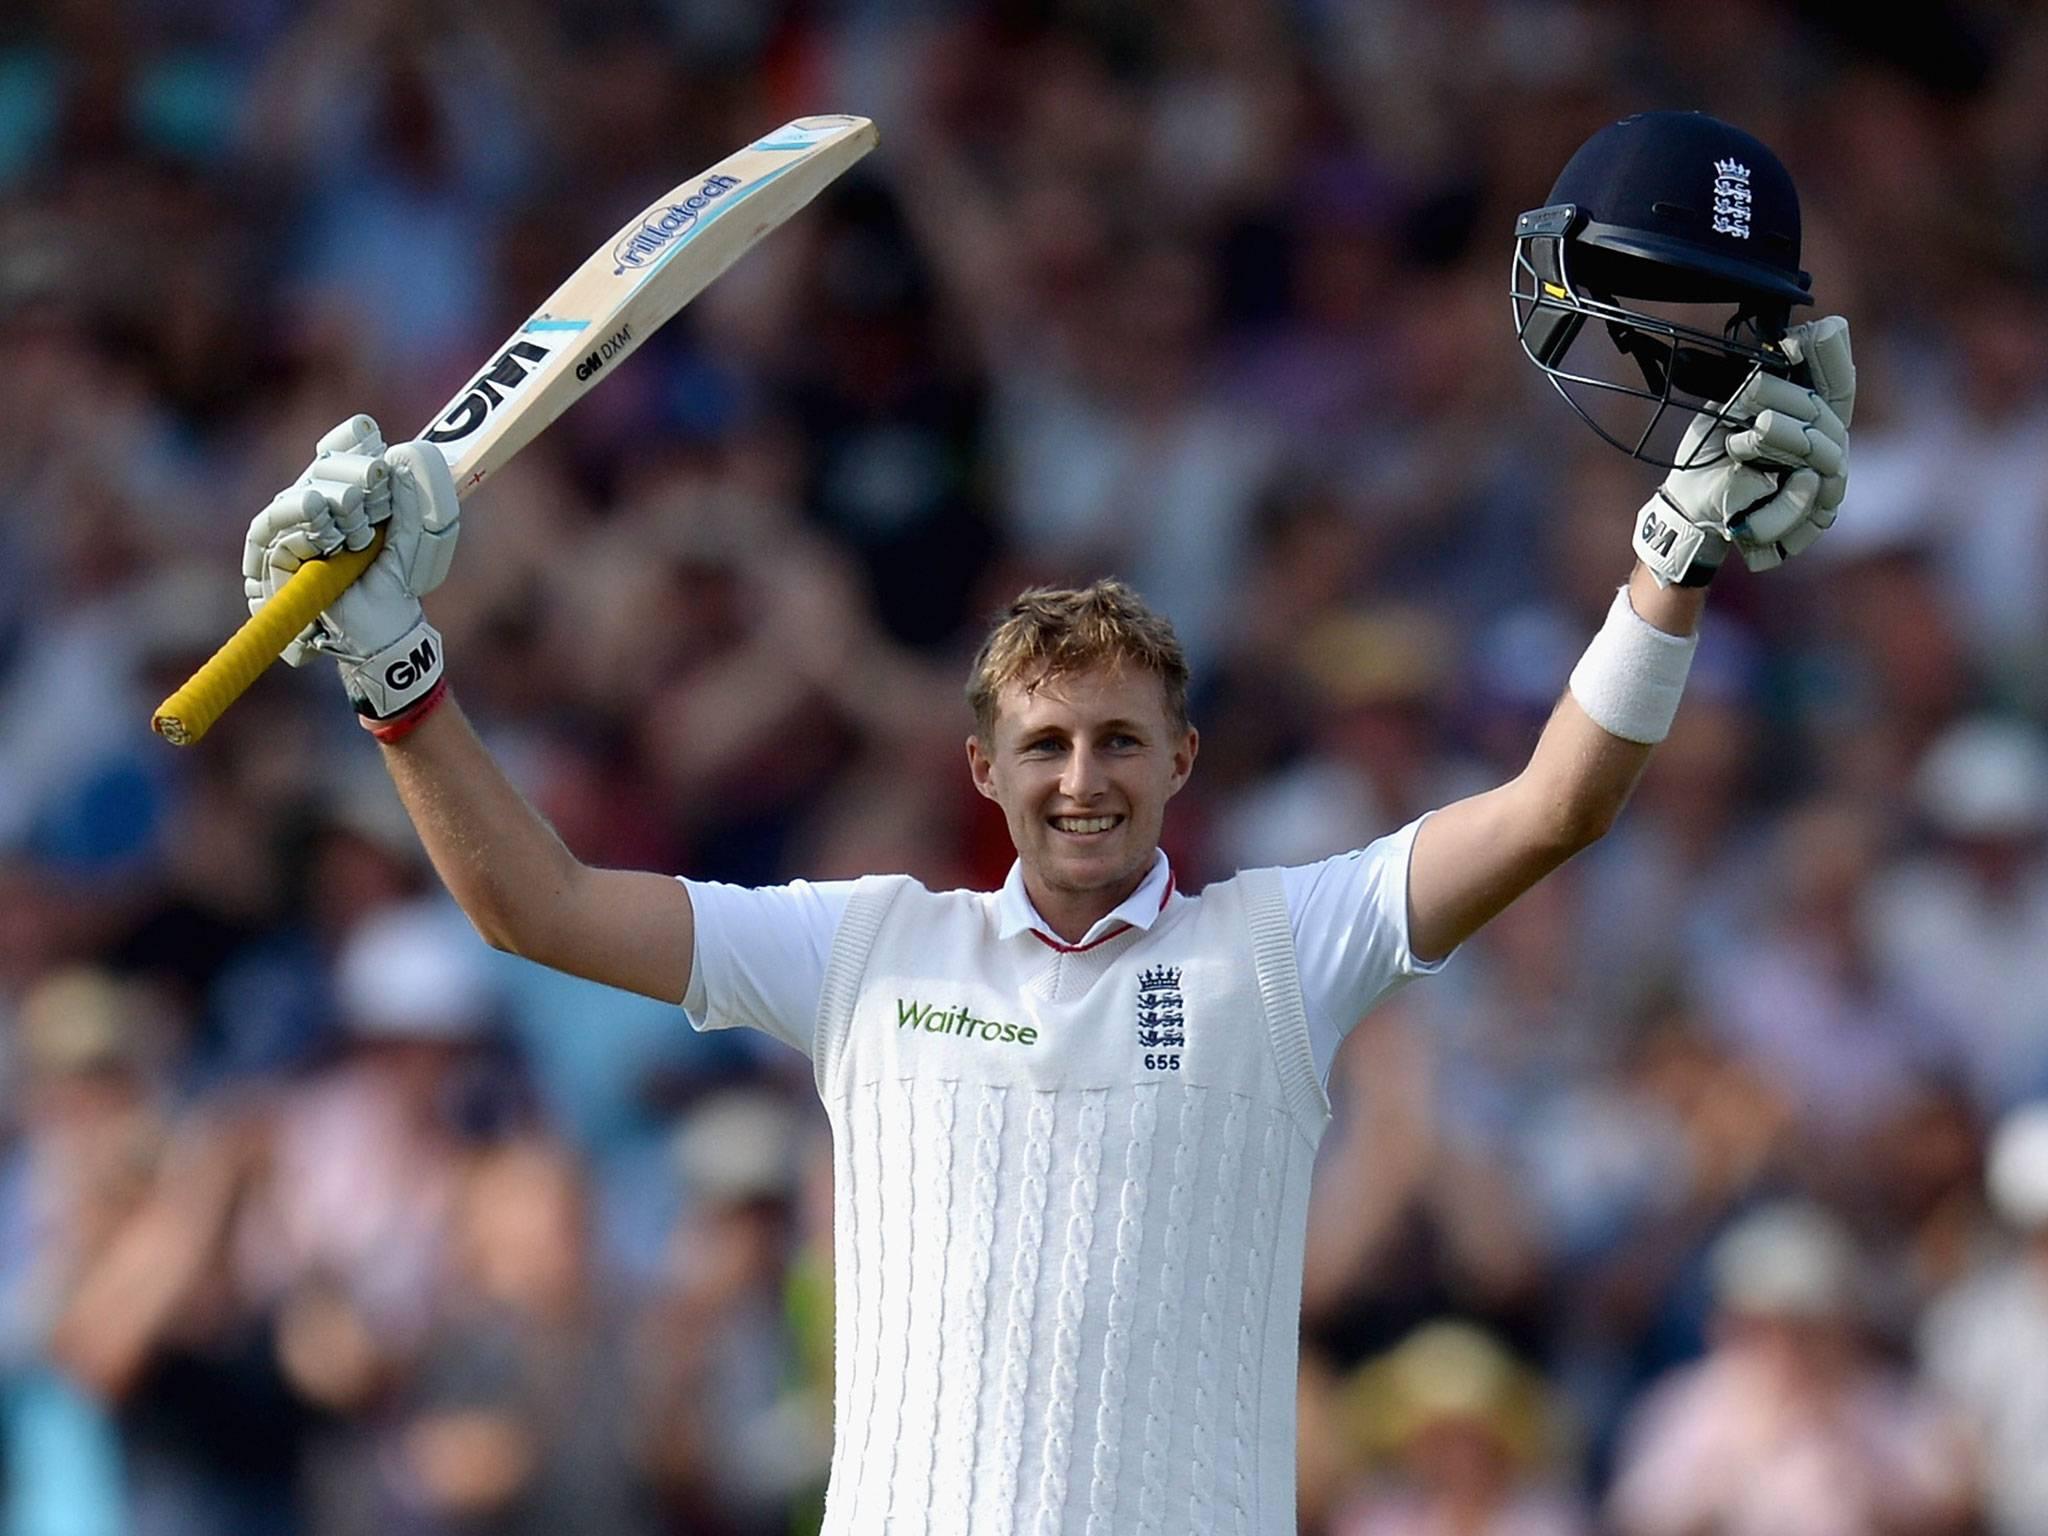 दोहरा शतक लगाने के बाद भी रोहित को नही मिली इस साल सबसे ज्यादा रन बनाने वाले बल्लेबाजो की सूची में जगह, जानिए कौन सा बल्लेबाज है टॉप पर 3